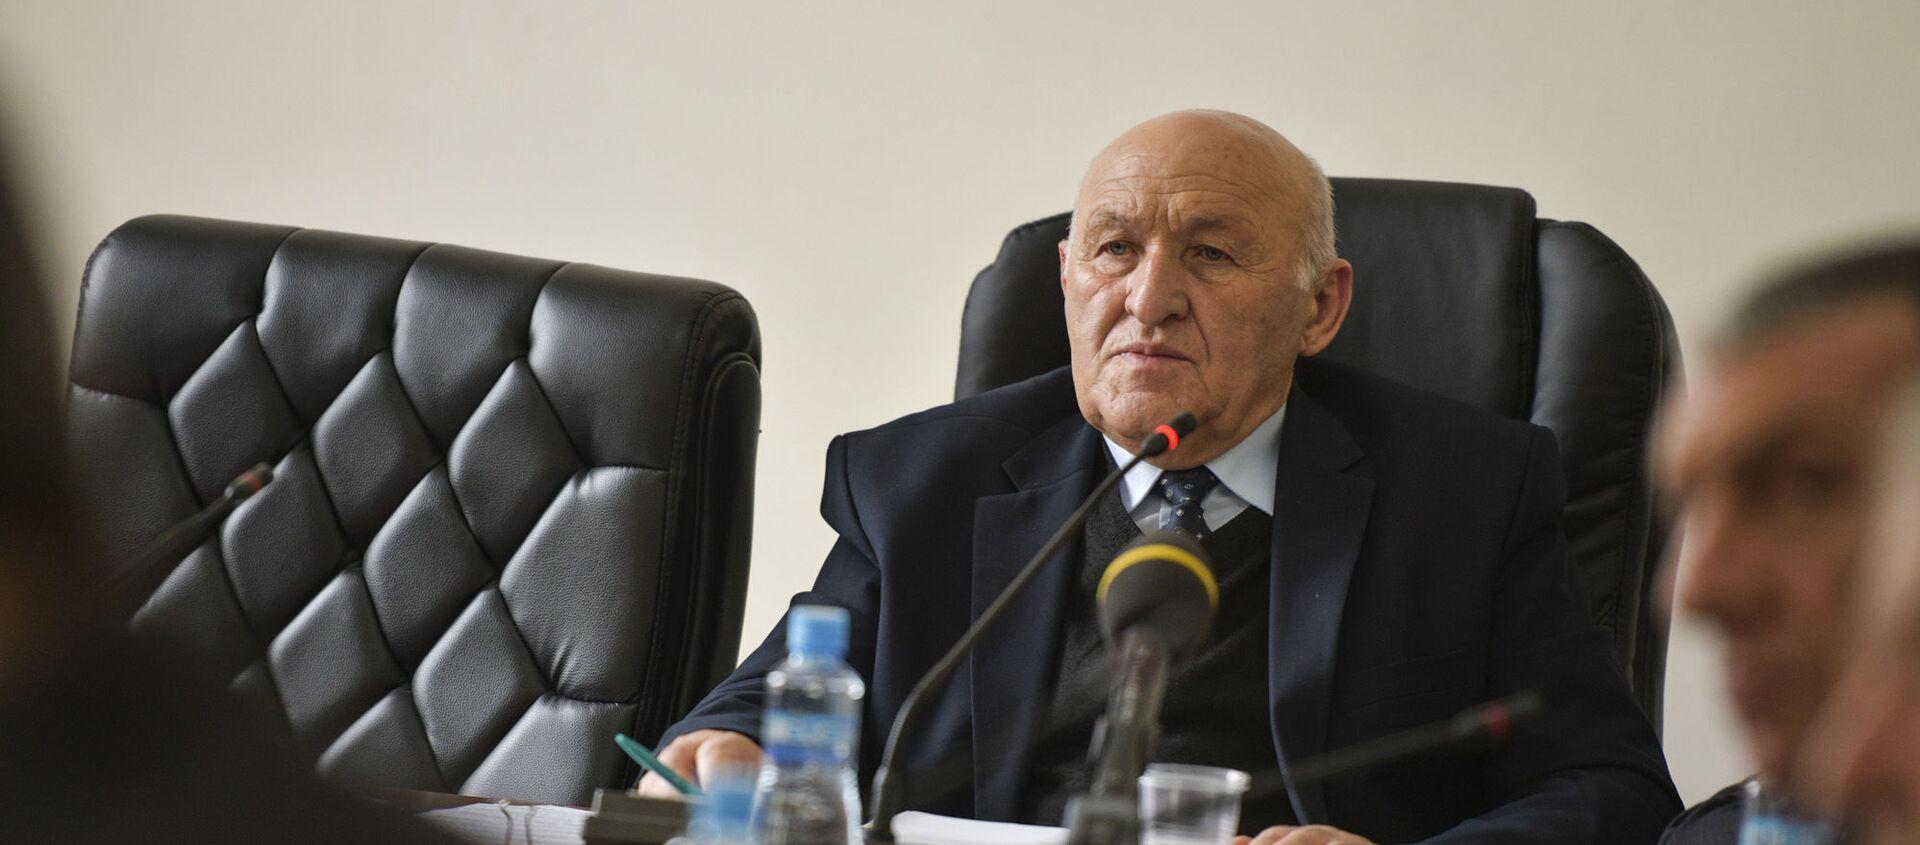 Спикер парламента Валерий Кварчия  - Sputnik Абхазия, 1920, 04.10.2021